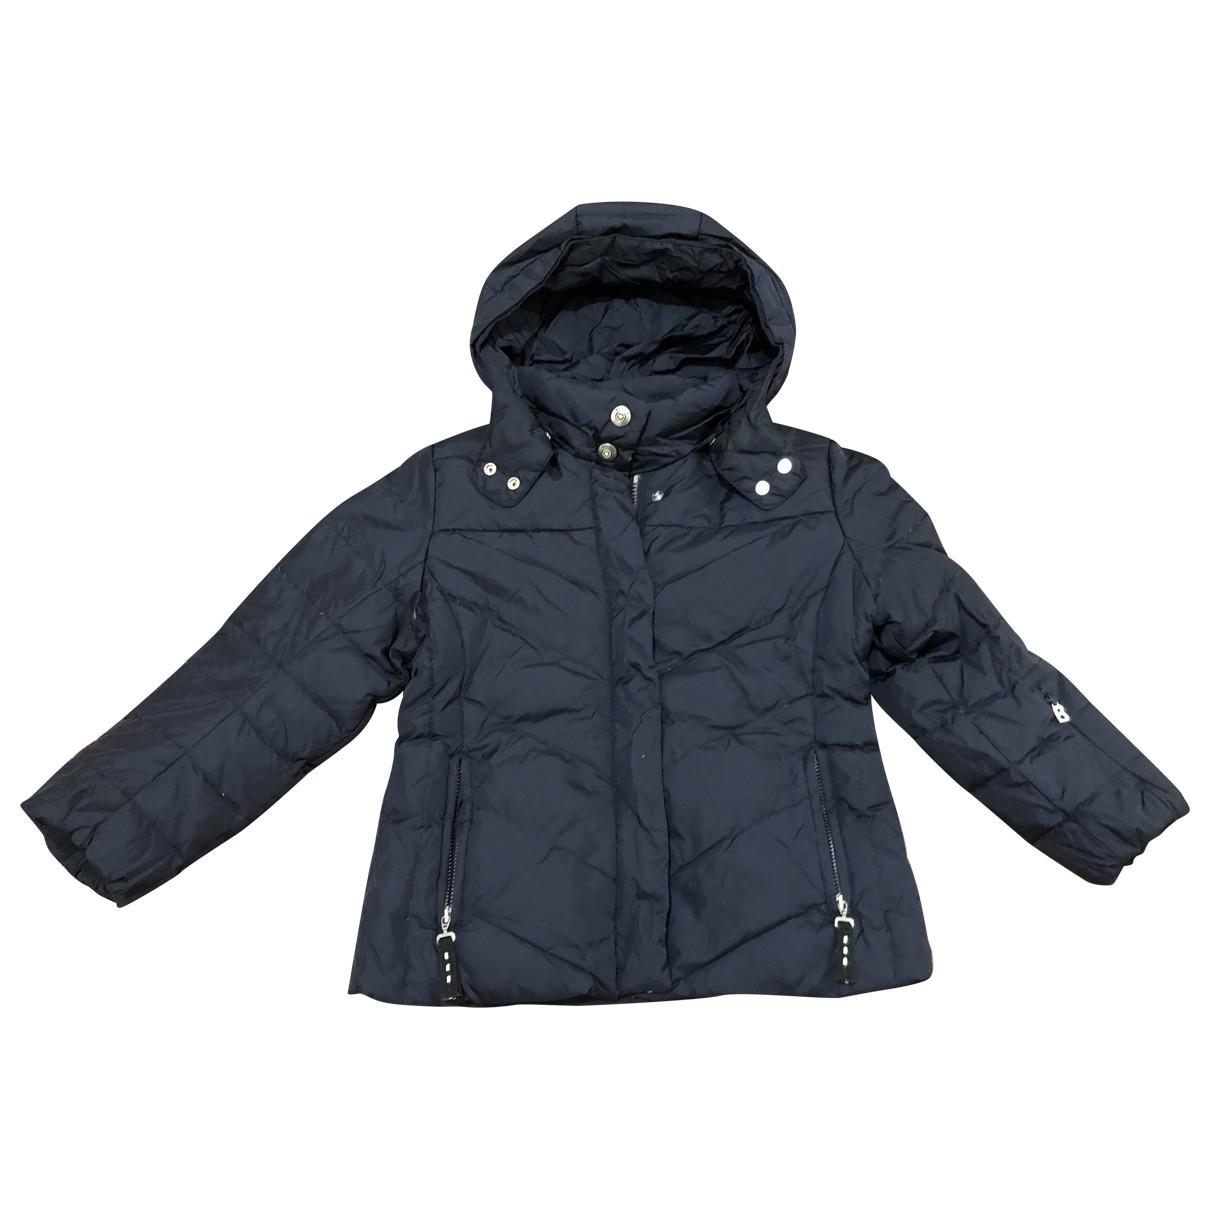 Bogner \N Black jacket & coat for Kids 6 years - up to 114cm FR